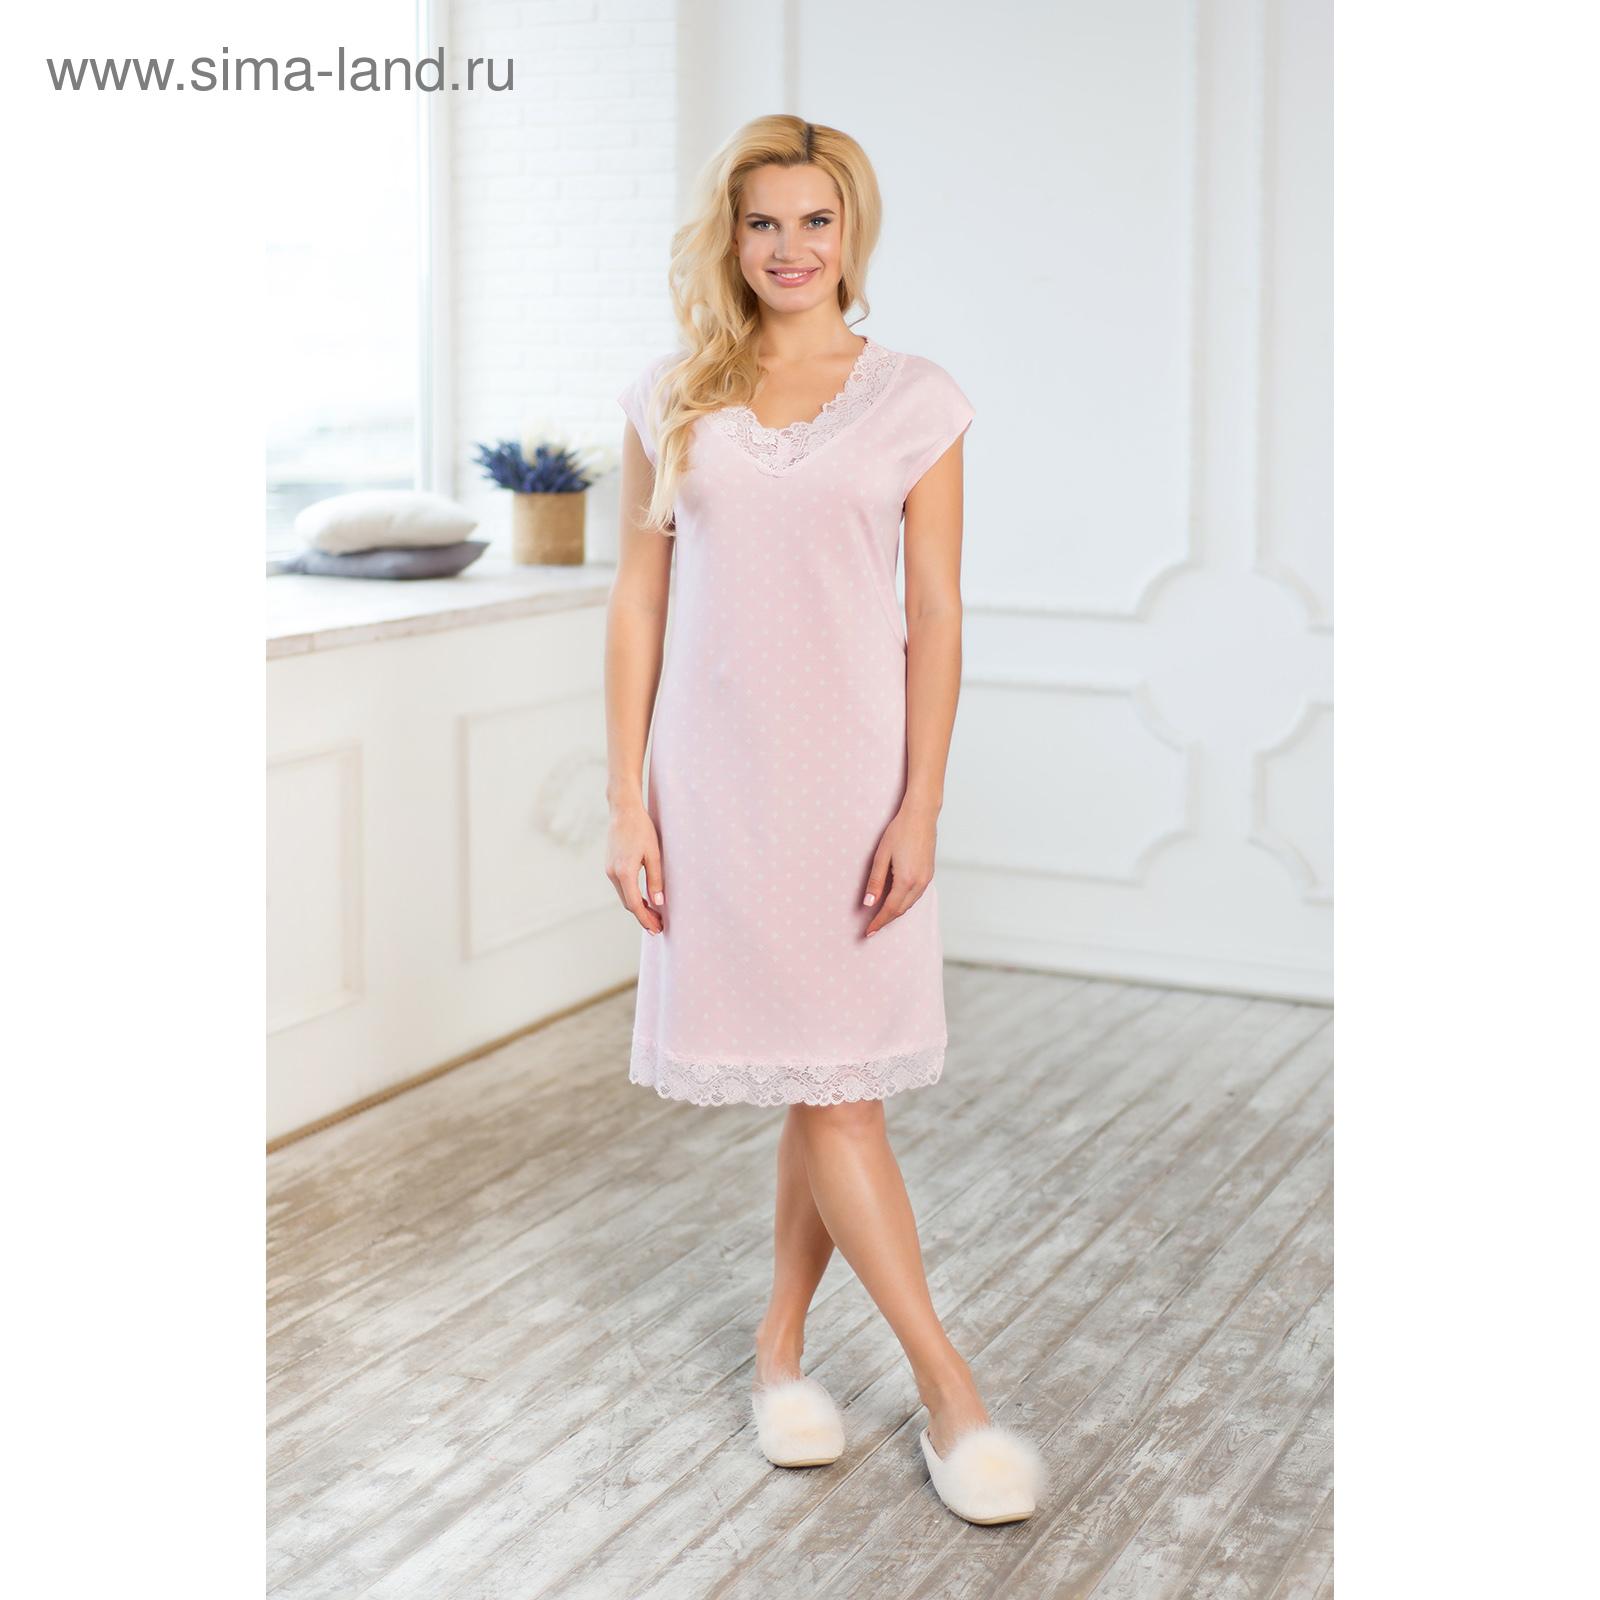 69c613c5bd0 Сорочка женская AW17-MCUZ-162 Winter Garden цвет розовый